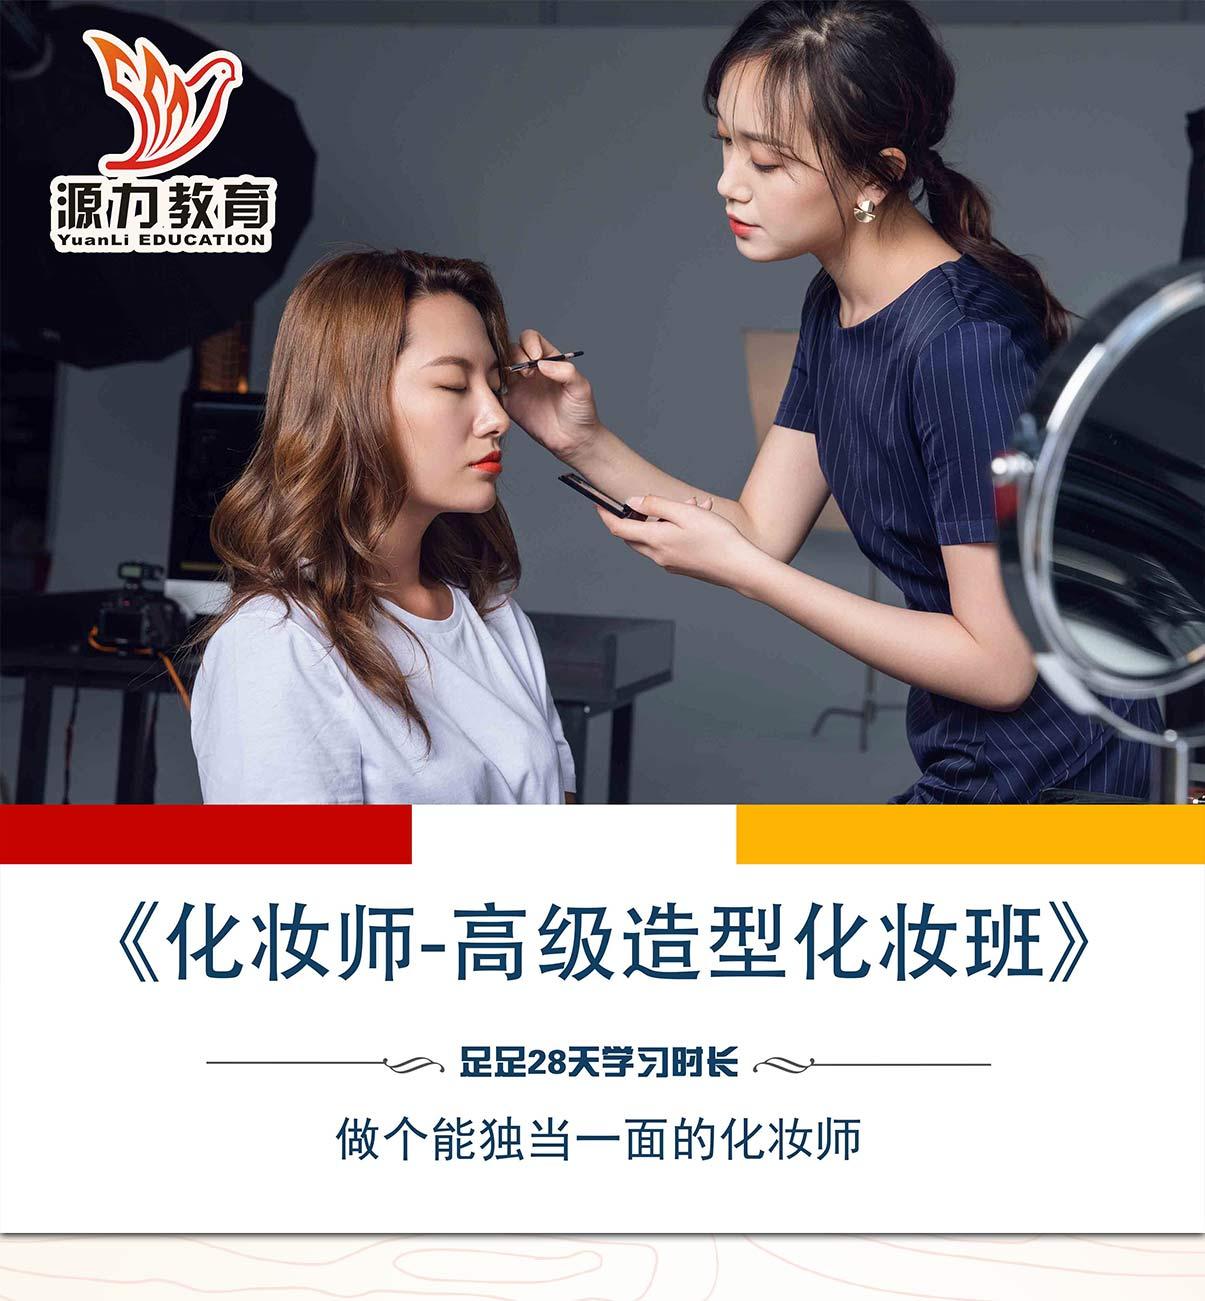 源力教育高级造型化妆班,28天学习时长